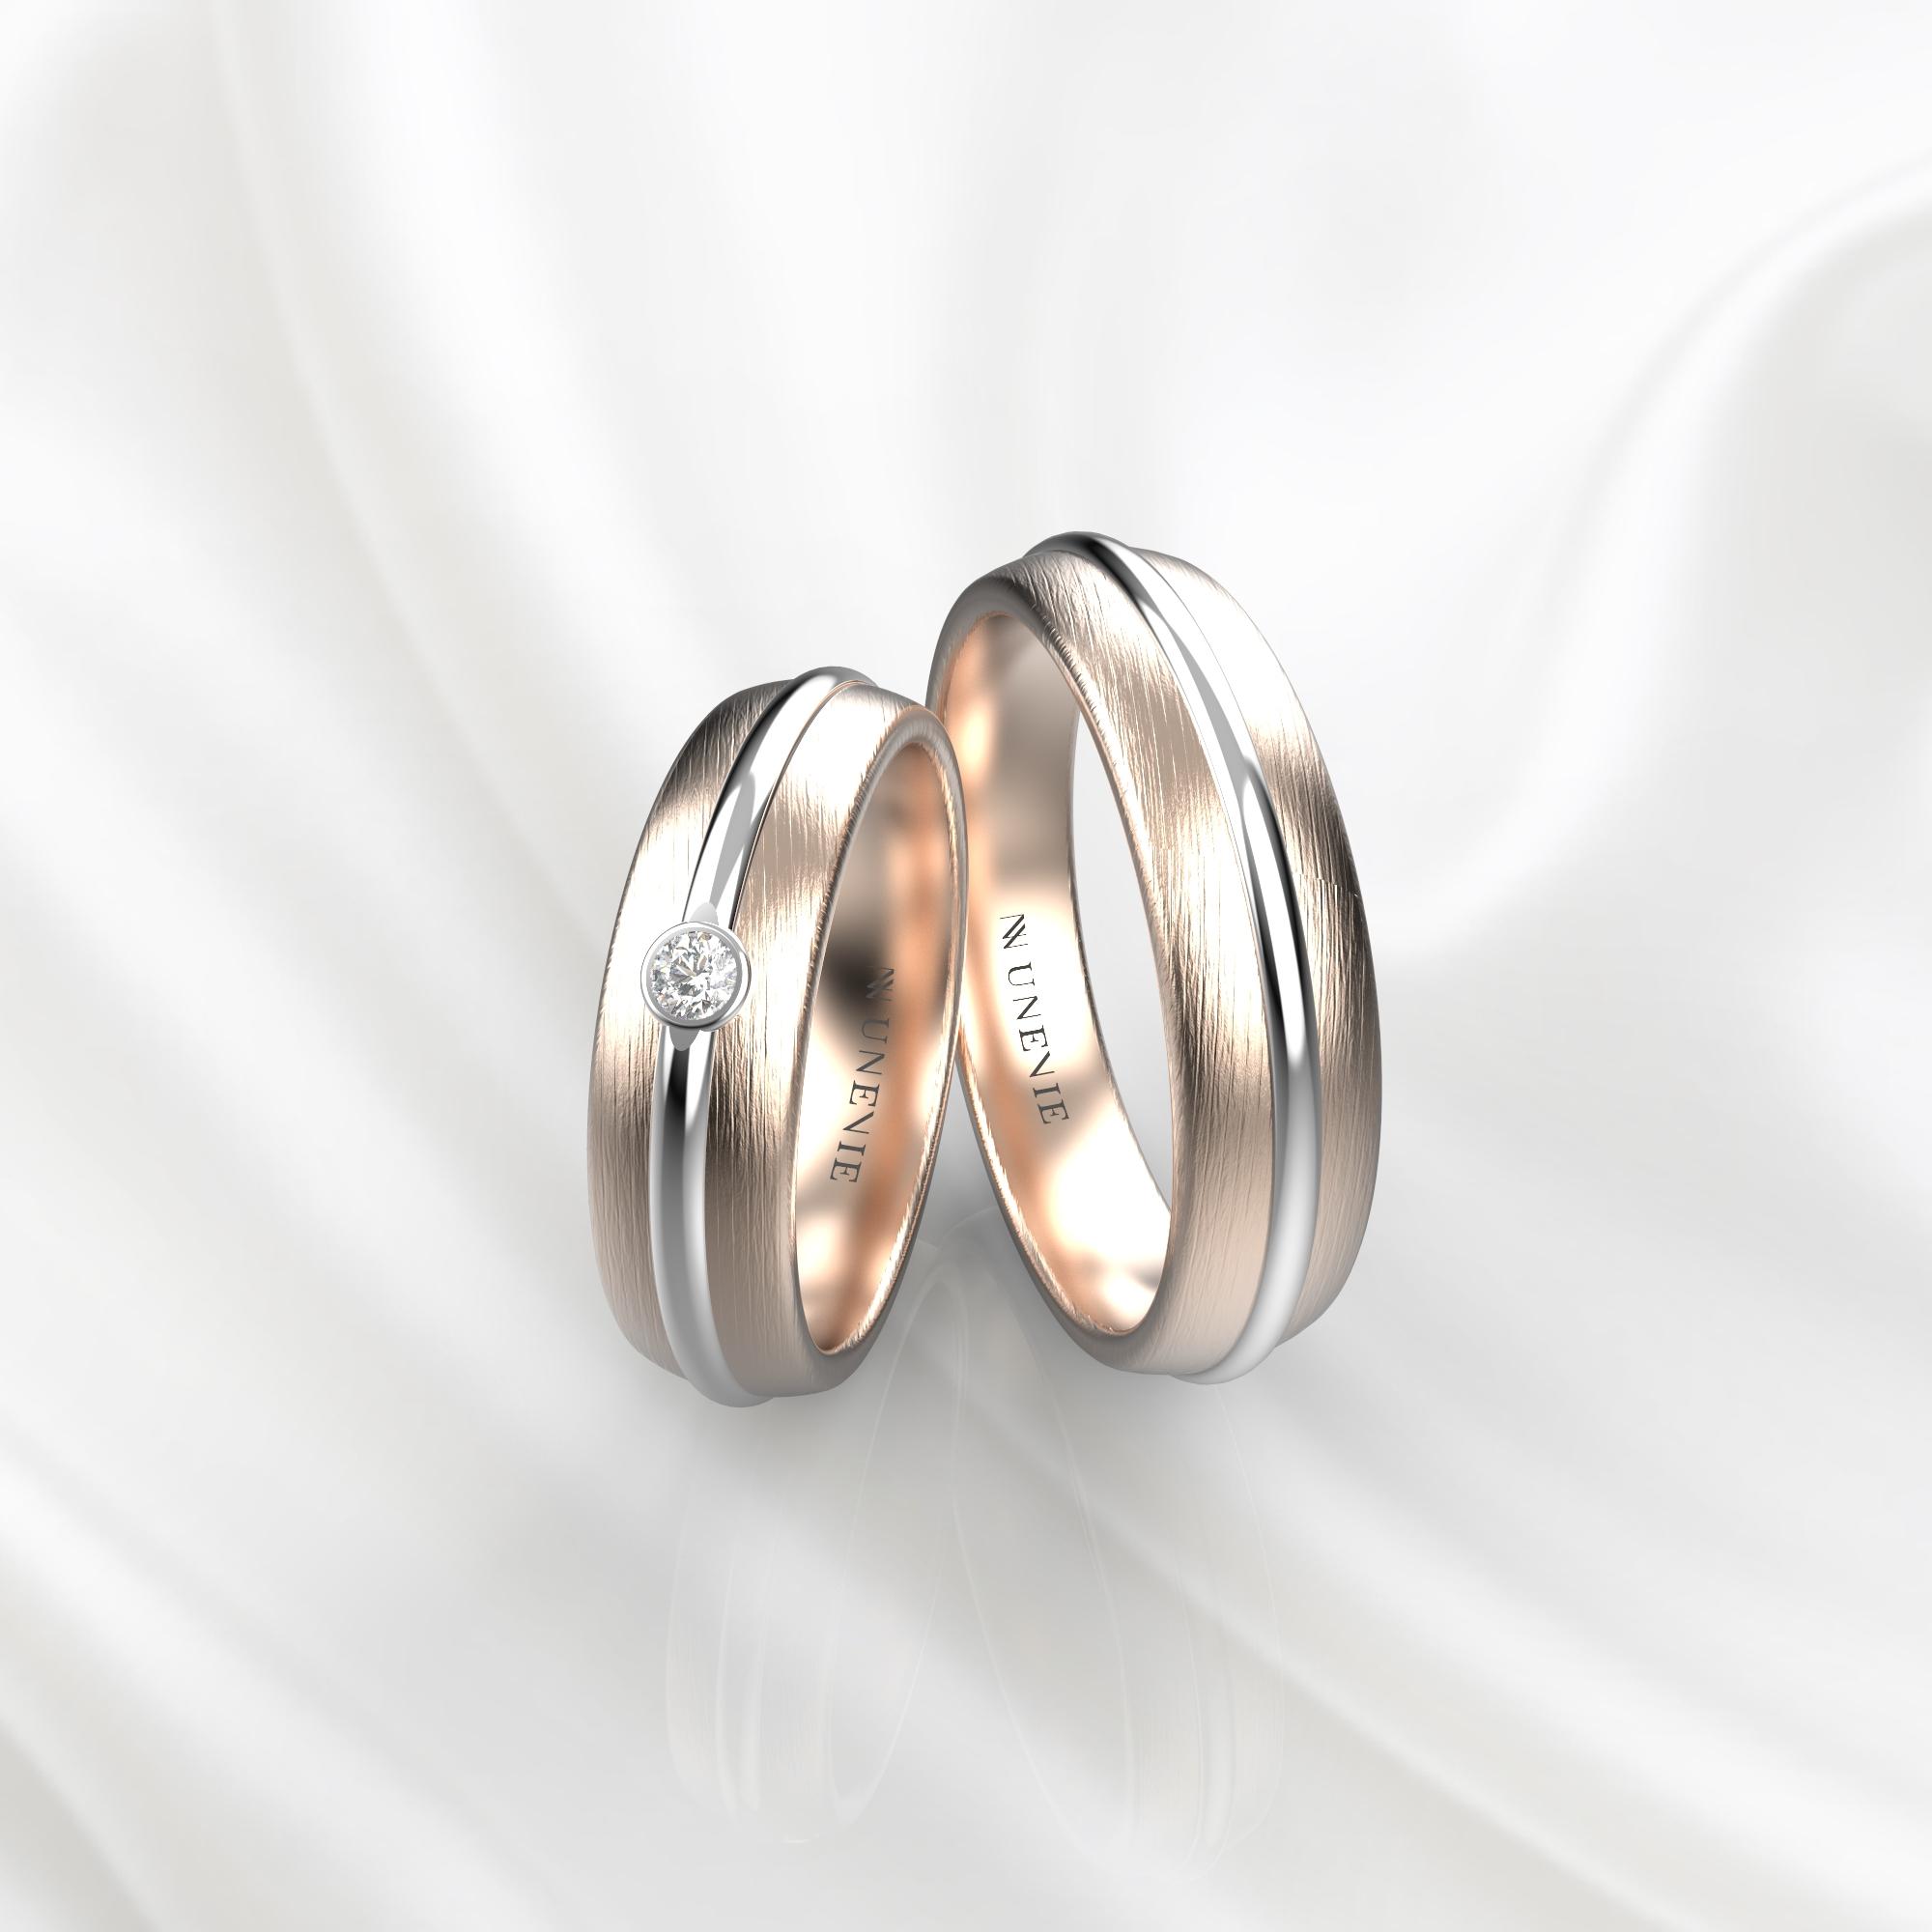 NV69 Парные обручальные кольца из розово-белого золота с бриллиантом